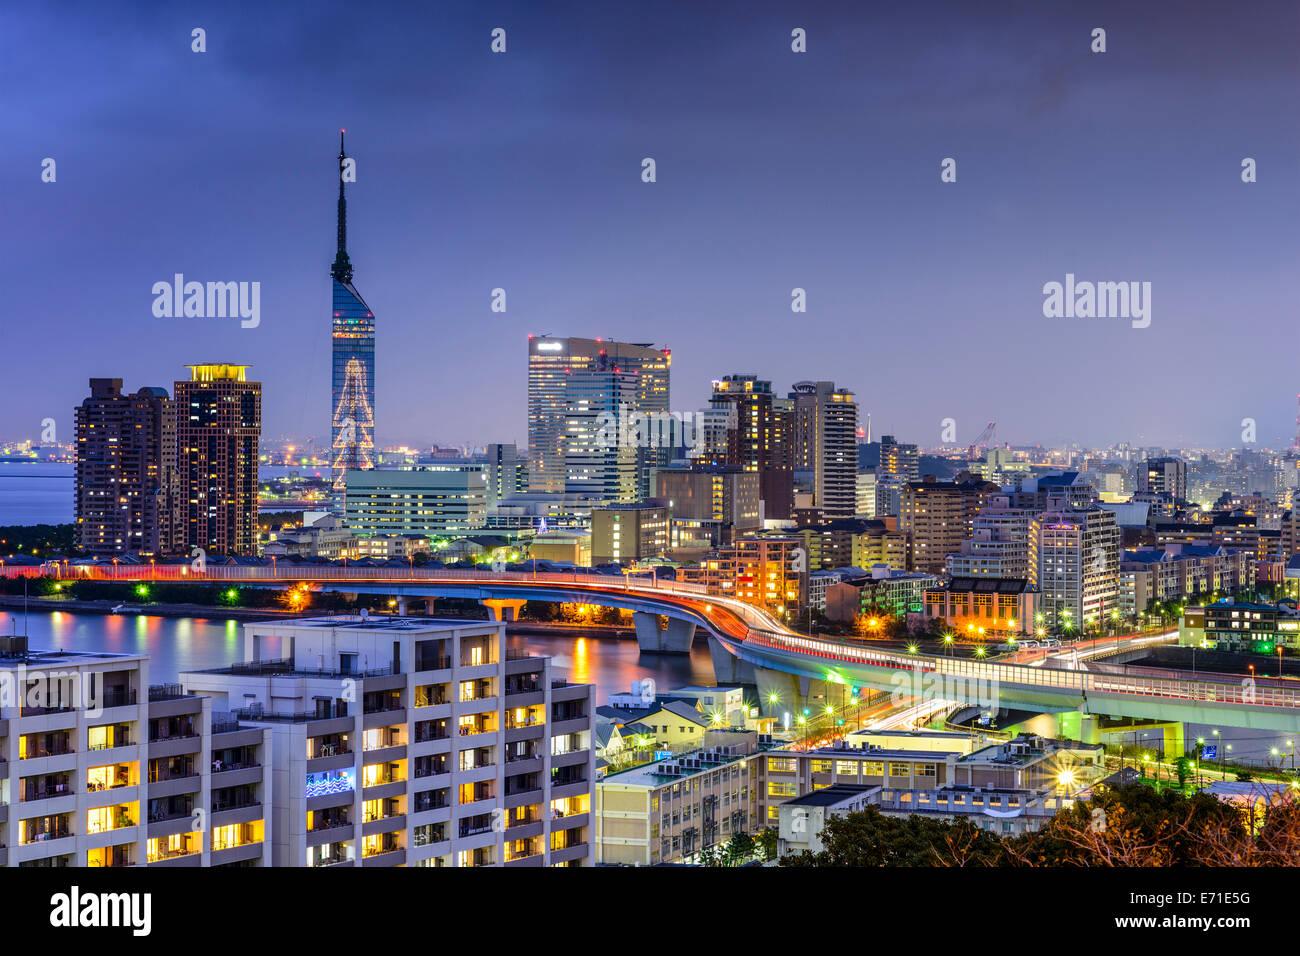 Skyline der Innenstadt Stadt Fukuoka, Japan. Stockbild